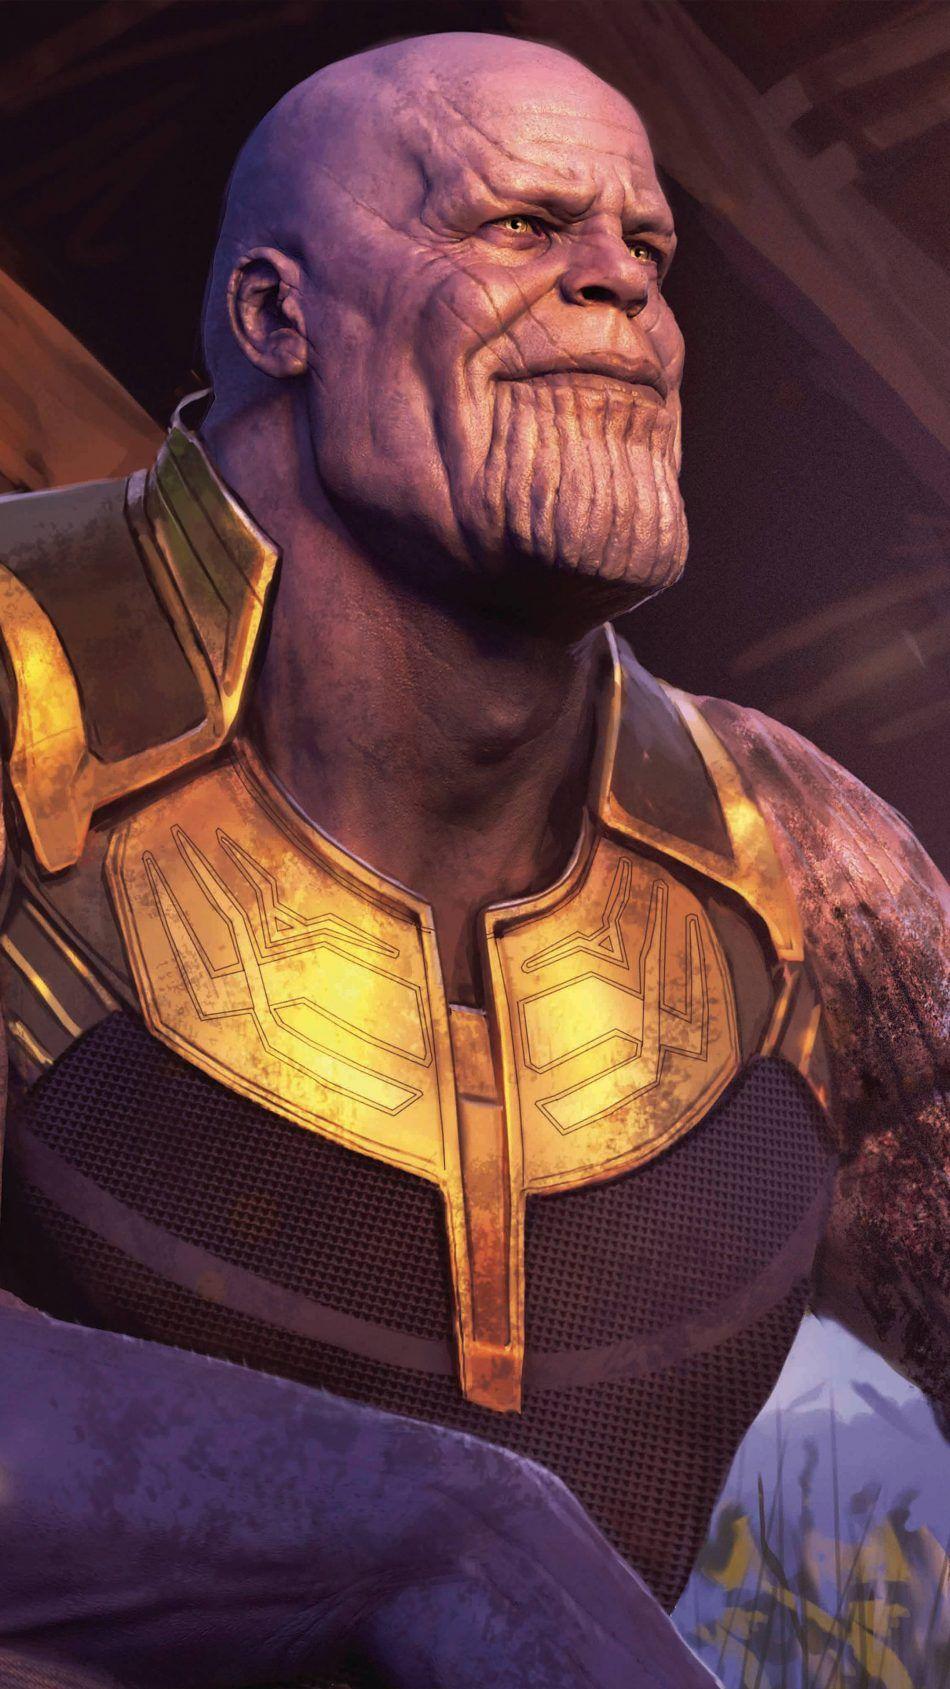 Thanos In Avengers Endgame Mobile Wallpaper Avengers Uhd Wallpaper